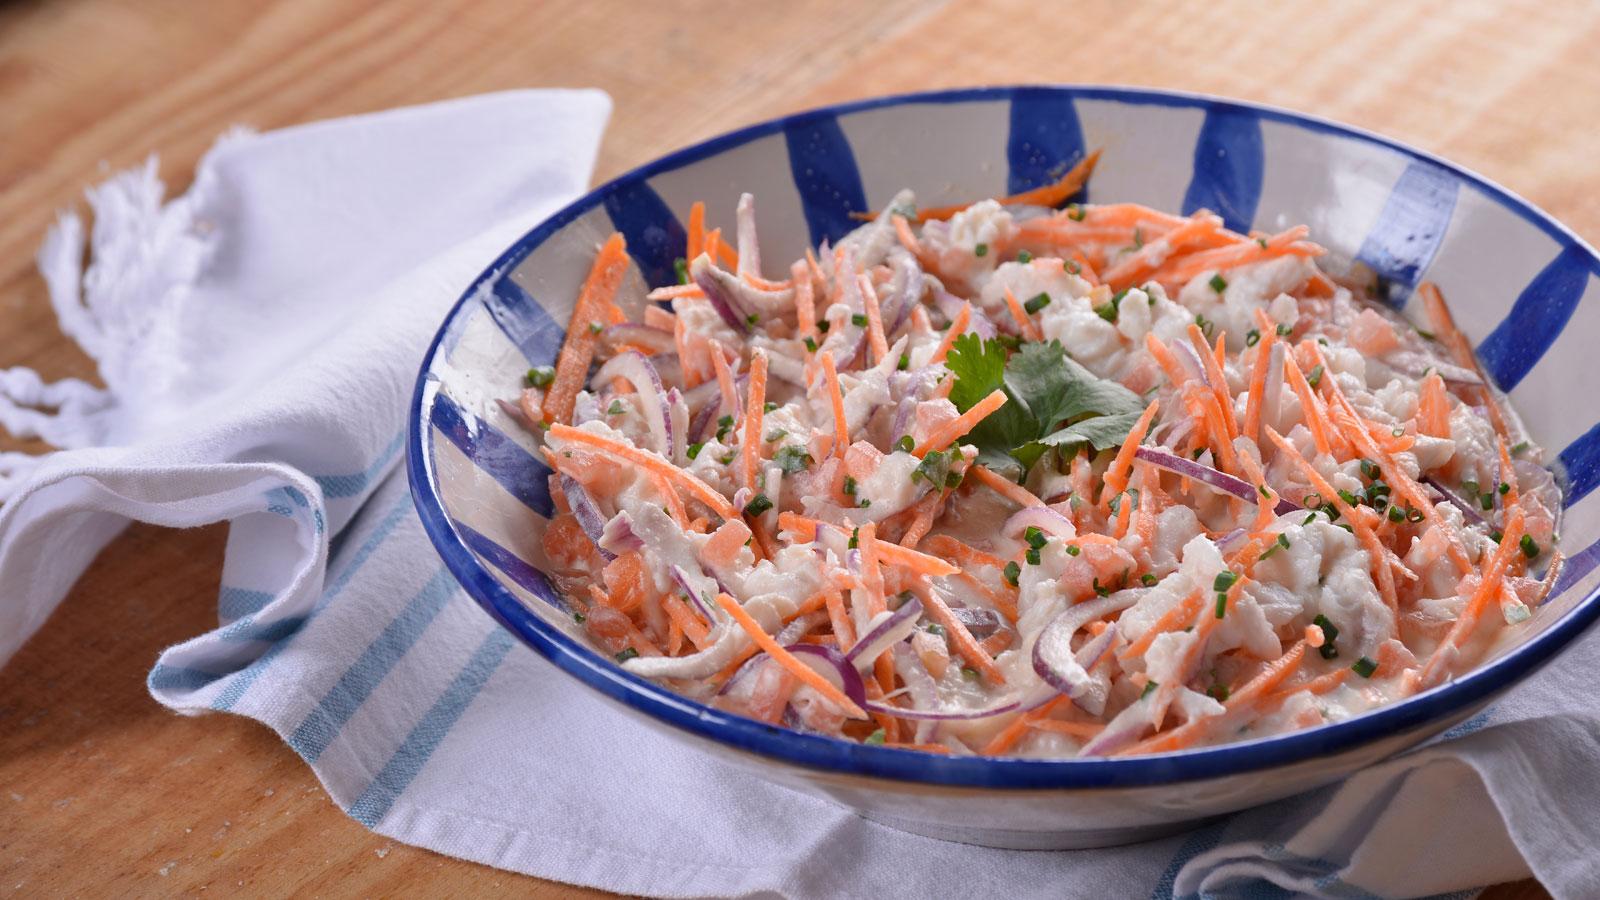 Sopa fr a de pescado elena aymerich receta canal cocina for Canal cocina cocina de familia